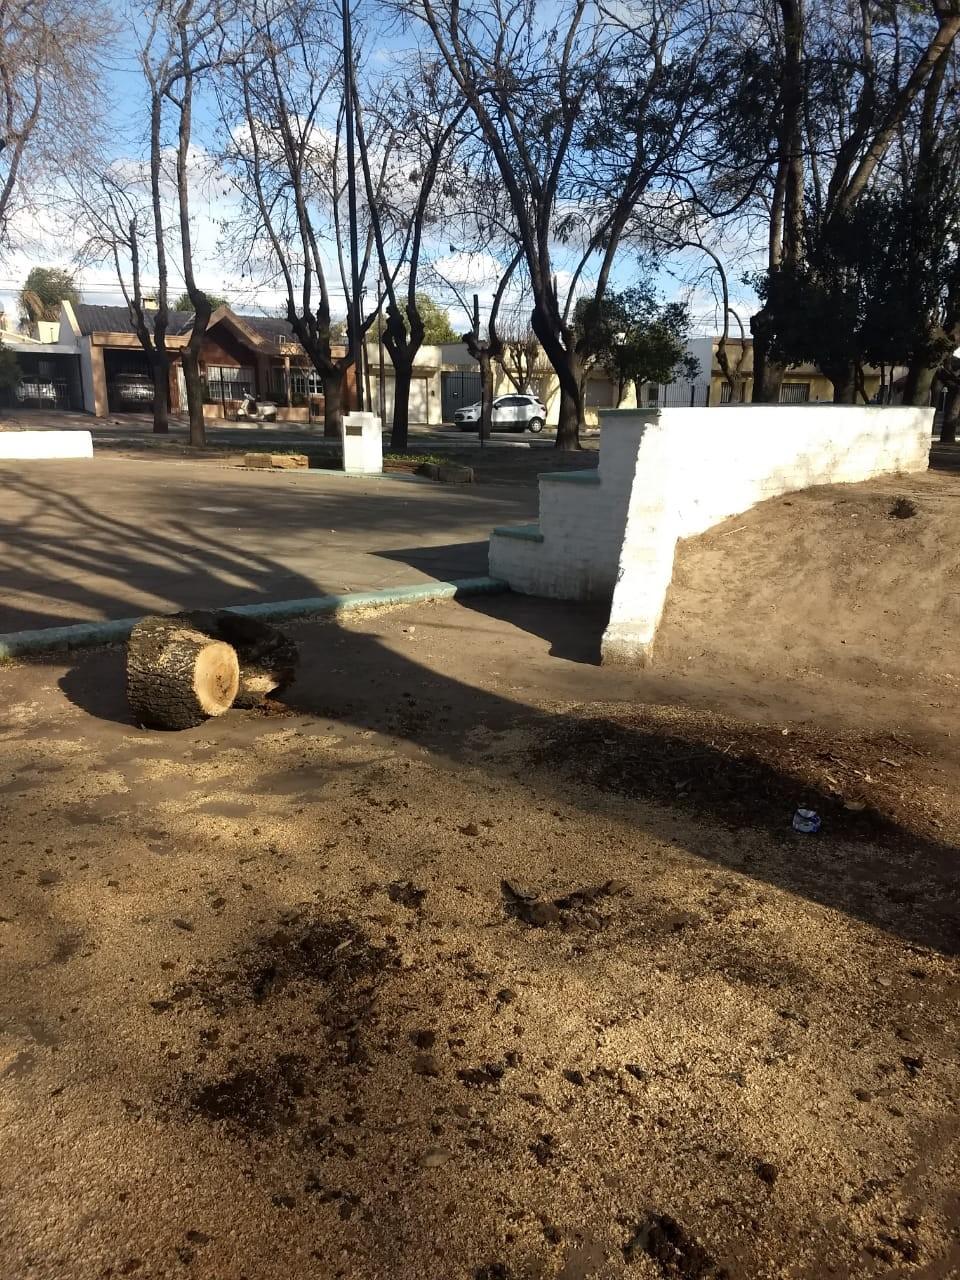 El delegado municipal de Villa Ramallo informó sobre la decisión de sacar árboles en la plaza y en la estación